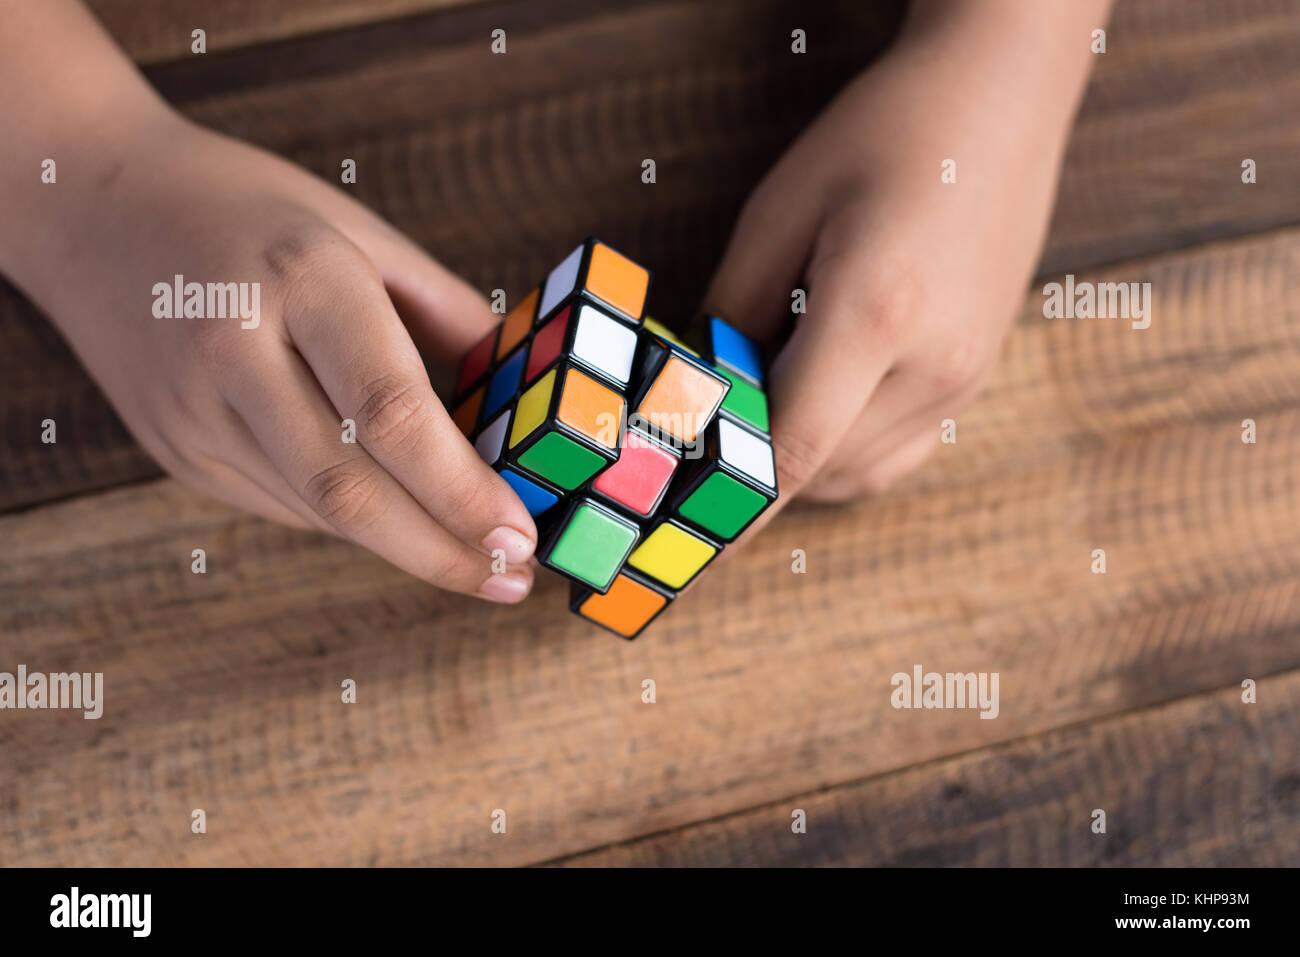 Chico asiático jugando con el cubo de Rubik.boy resolver rompecabezas.rompecabezas toy Imagen De Stock